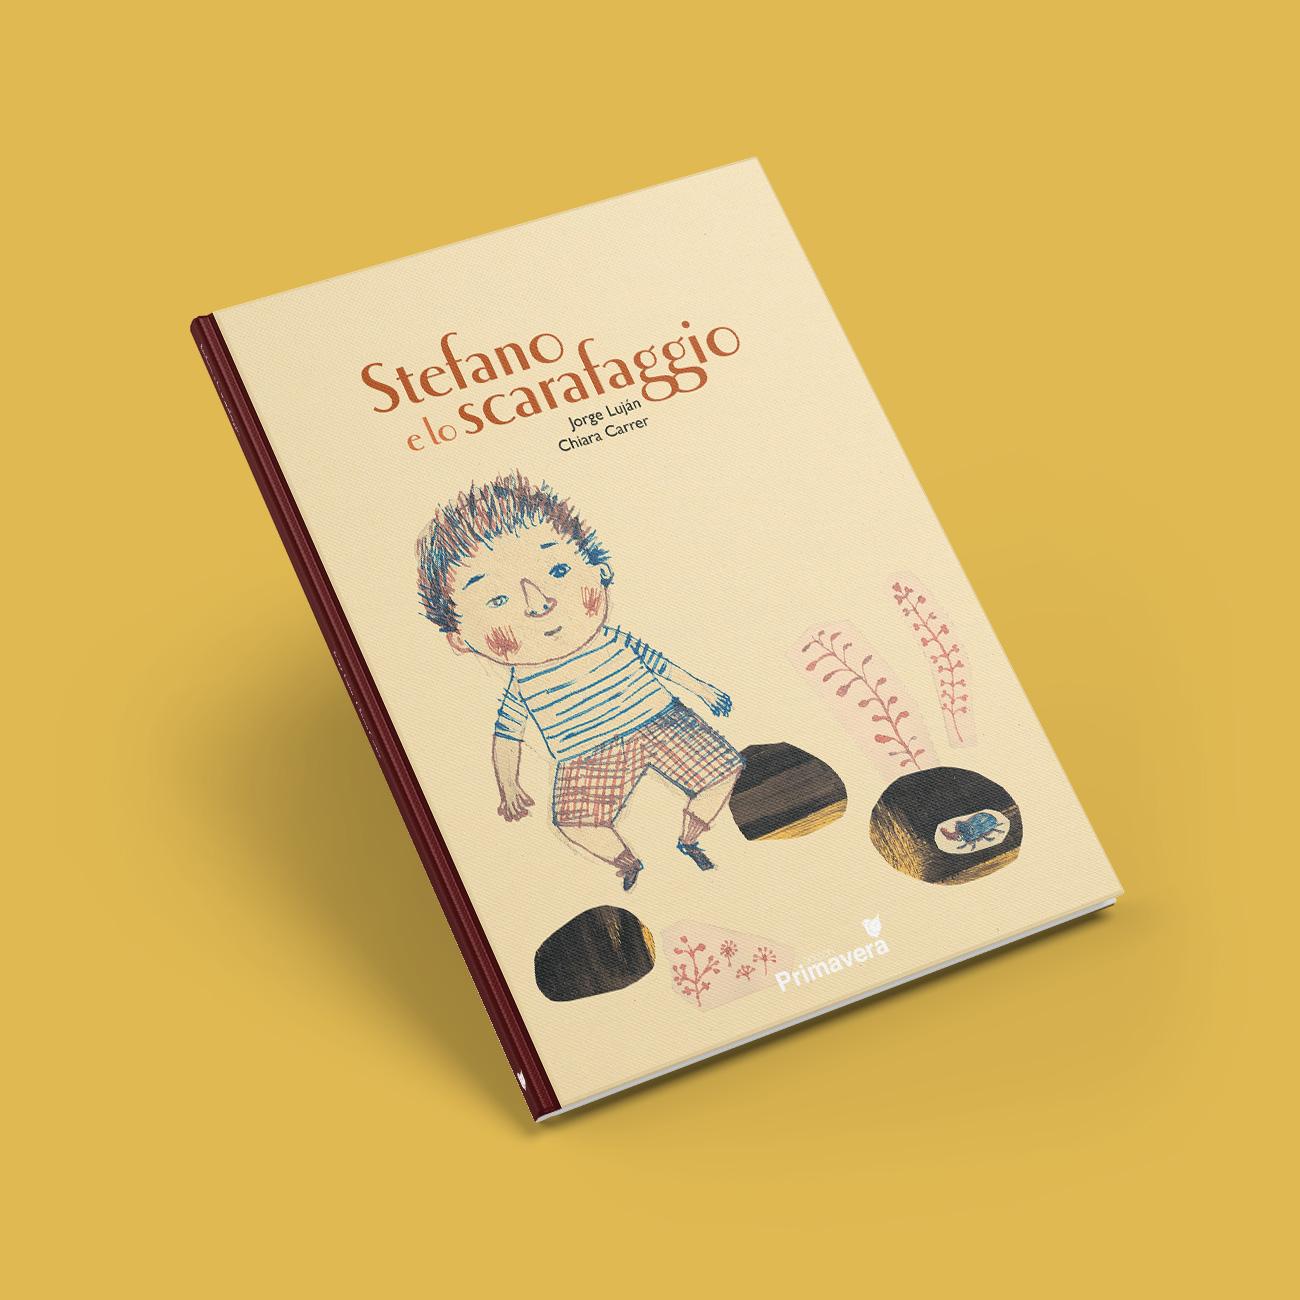 progettazione grafica-libro illustrazioni stefano e lo scarafaggio edizioni primavera editrice scarafaggio